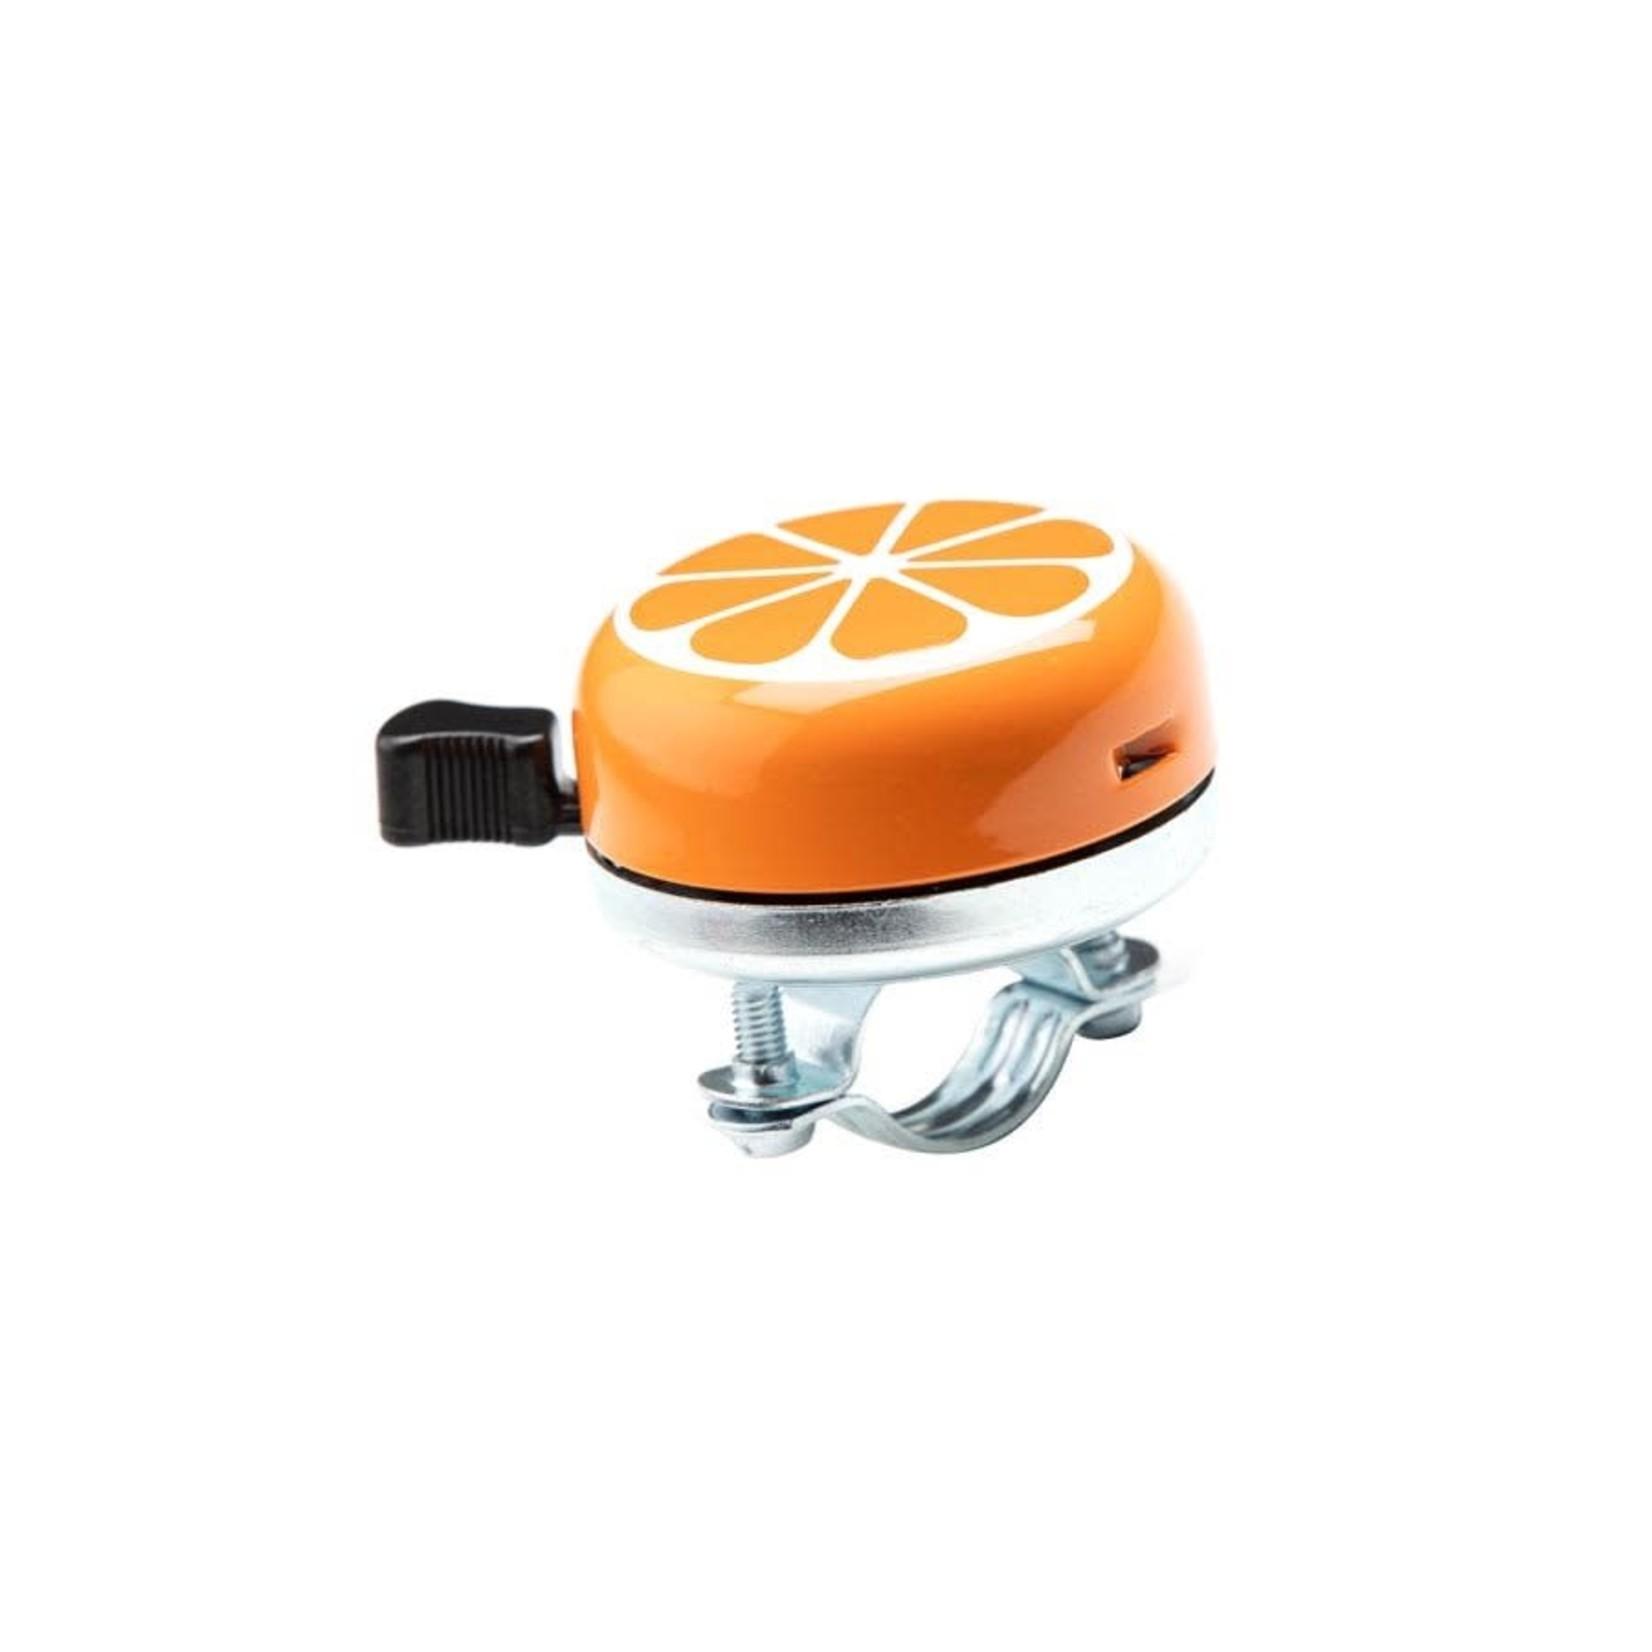 Evo, Ring-A-Ling Orange Slice